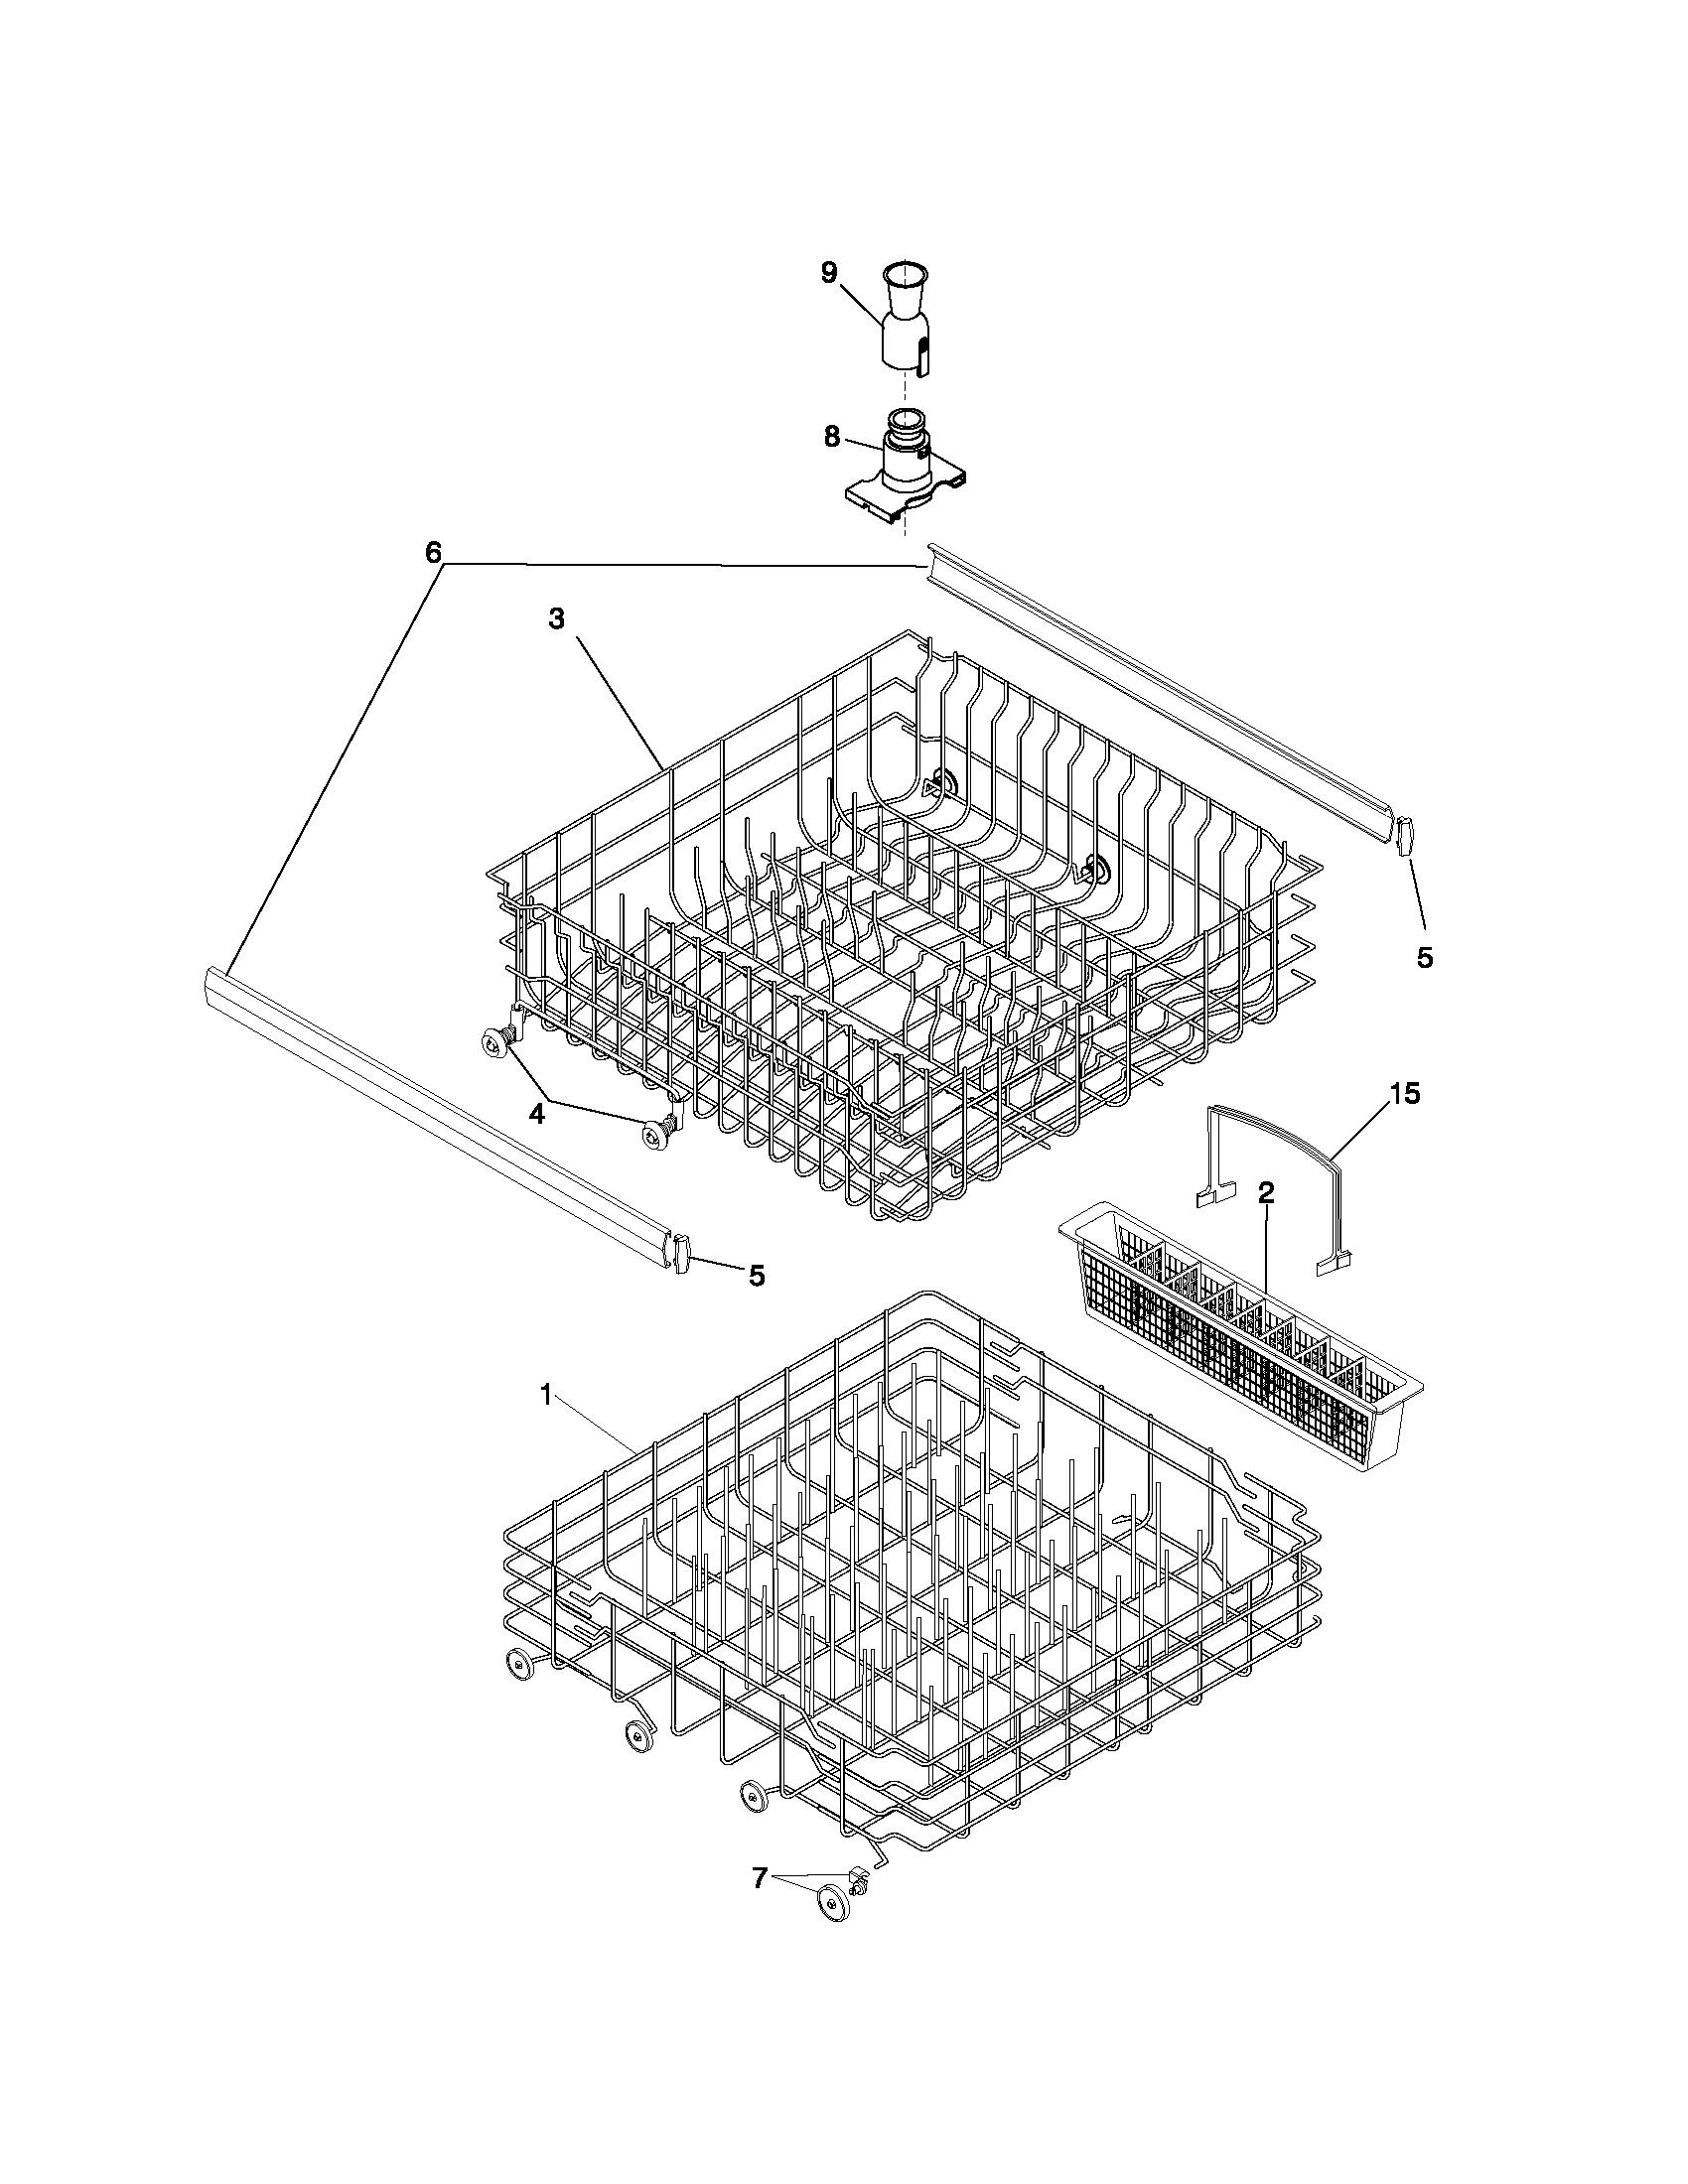 How Do I Put The Inside Center Part Of A Frigidaire